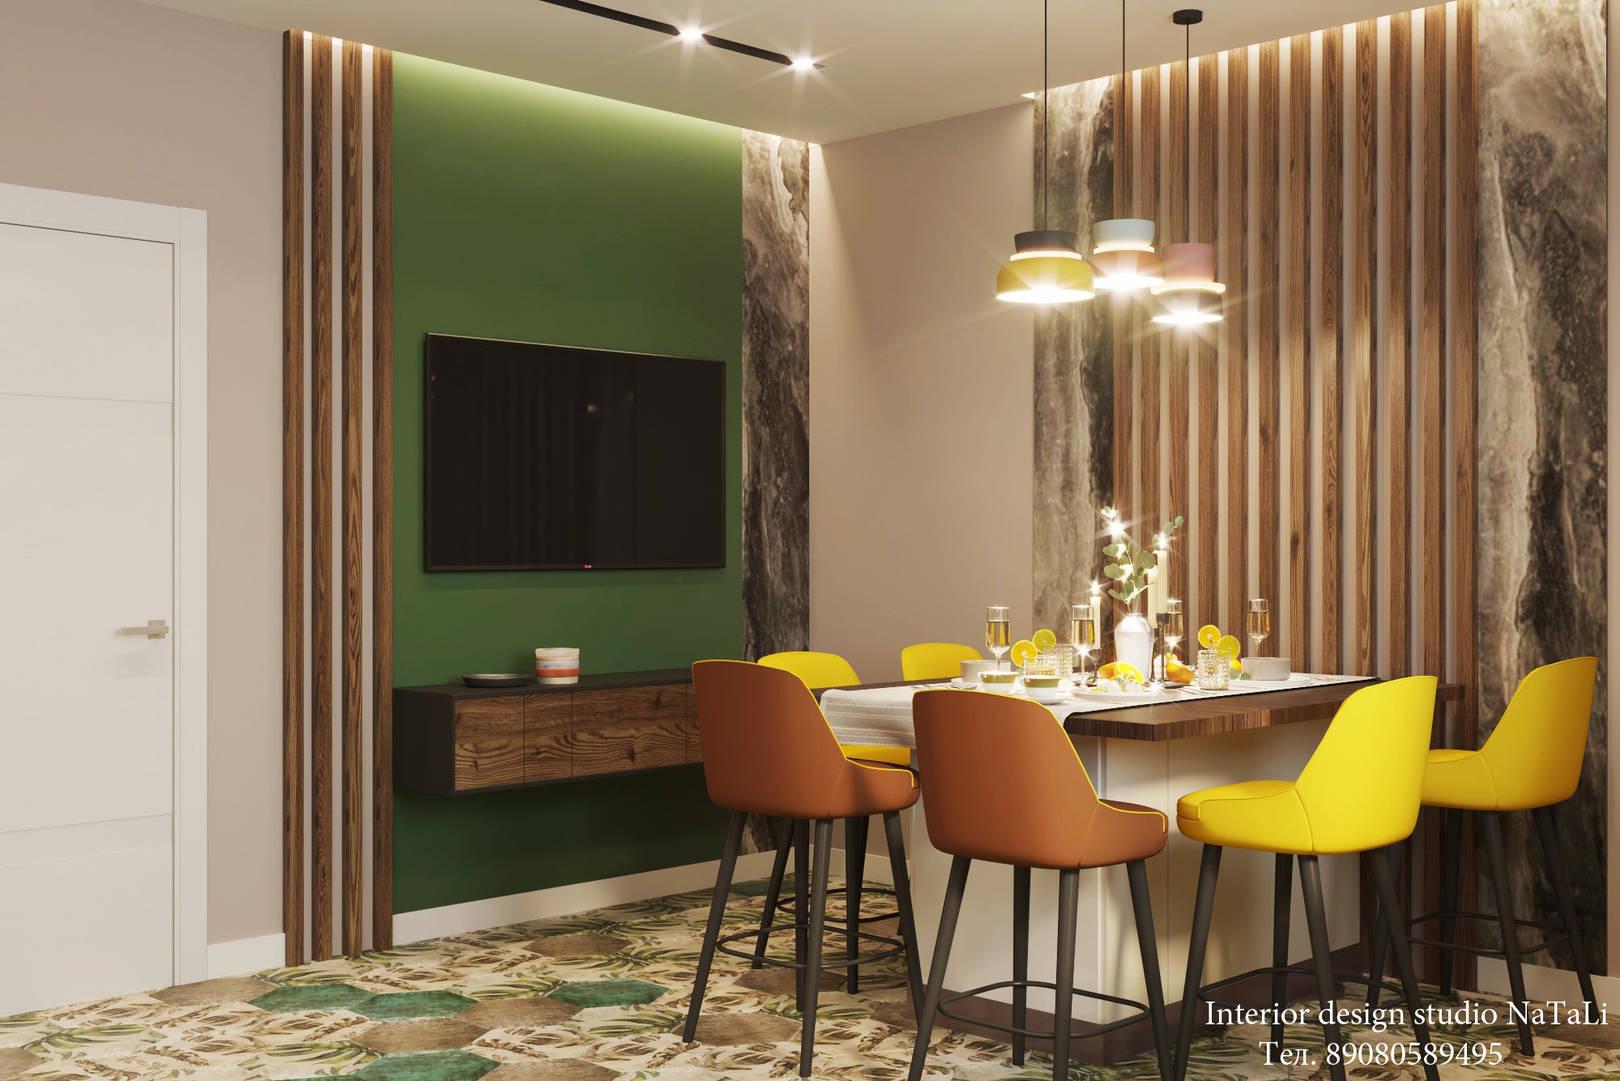 Дизайн интерьера квартиры в современном стиле в ярких оттенках, выполнен в студии дизайна интерьера Натали. Выполняем дизайн интерьера и ремонтные работы под ключ.